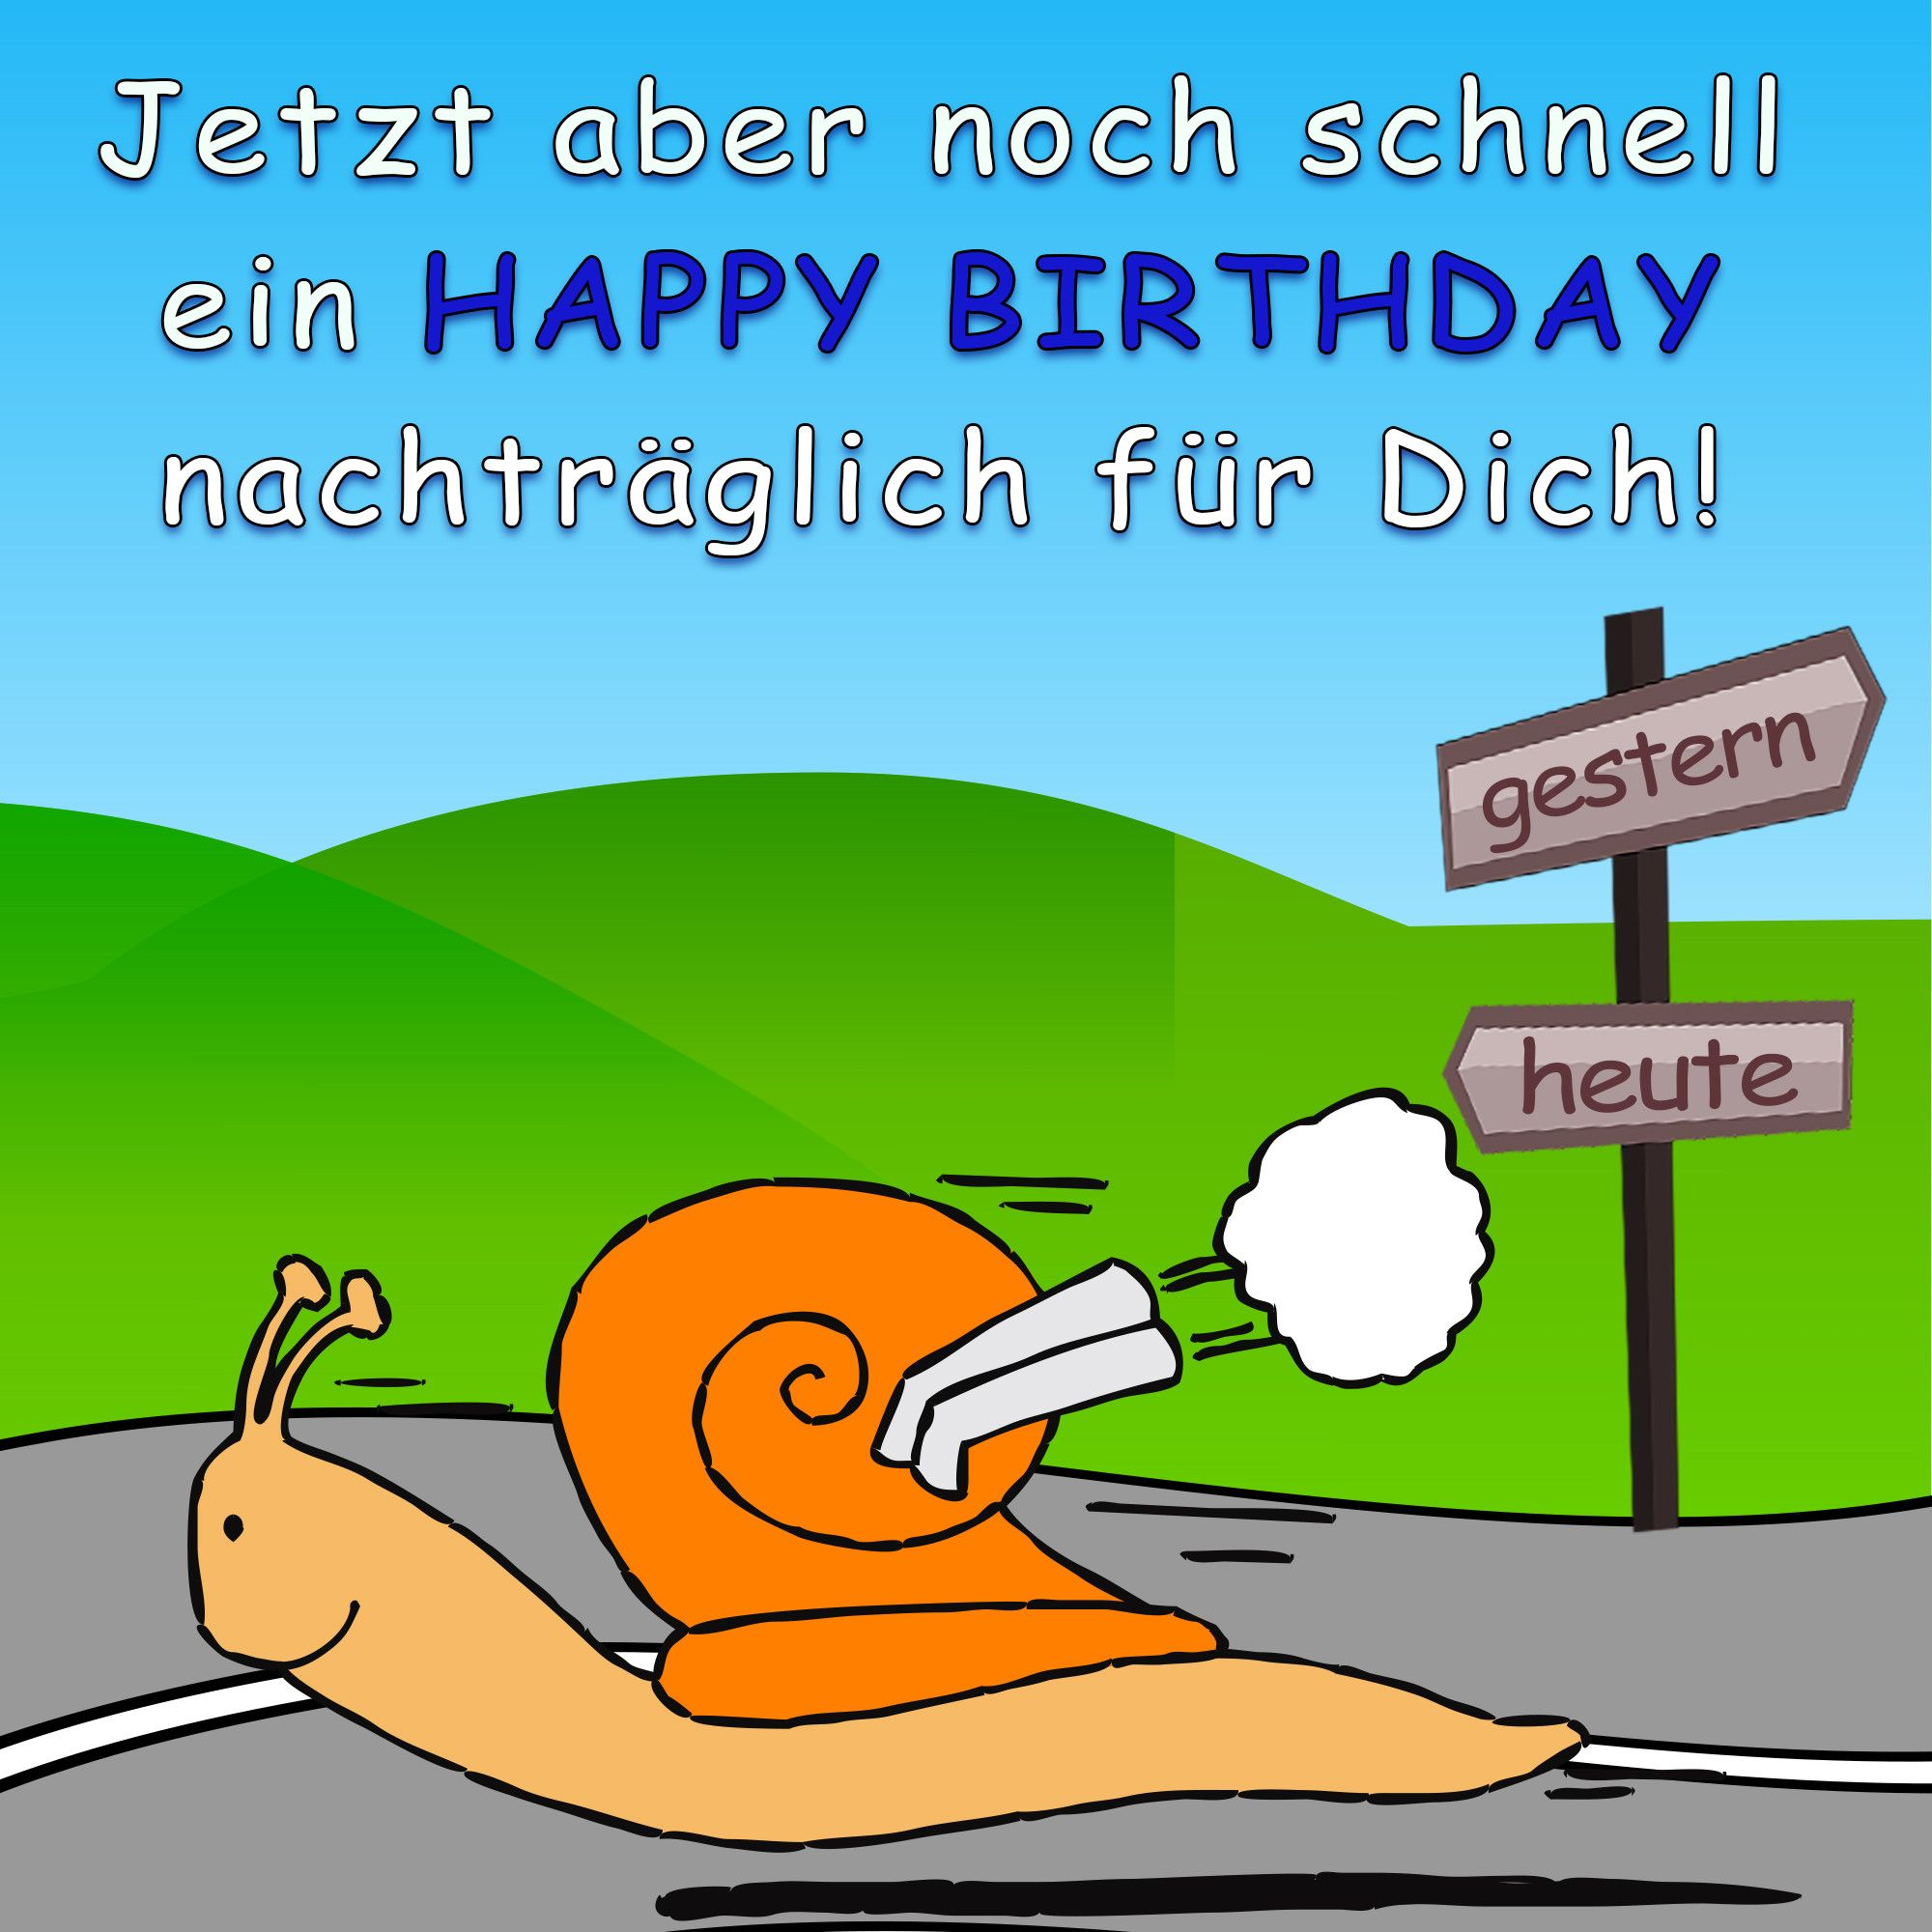 Geburtstagswunsche Nachtraglich Facebook Best Of Geburtstag